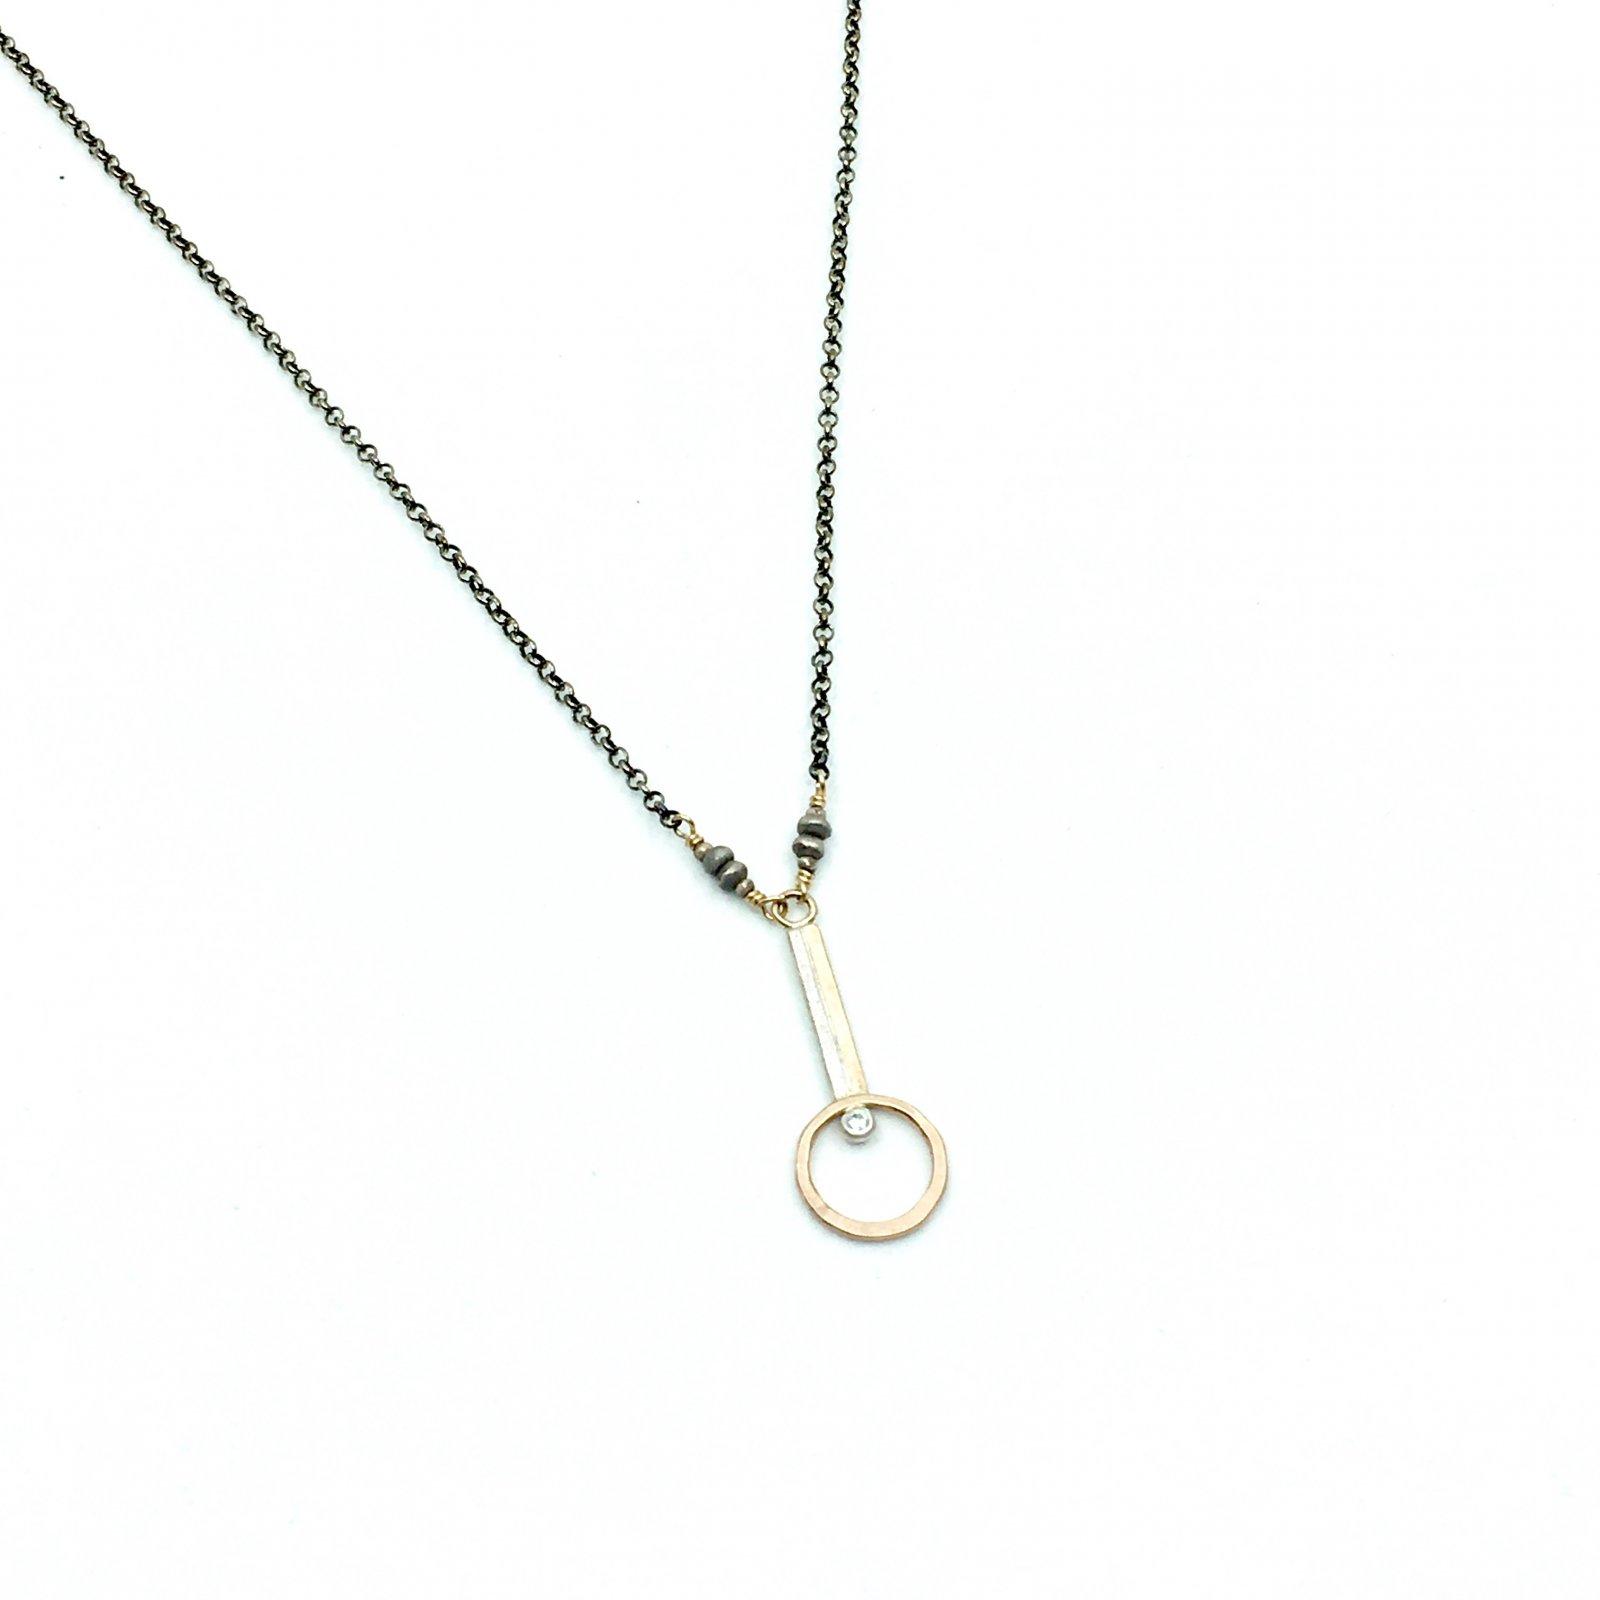 J&I Simple Drop Necklace